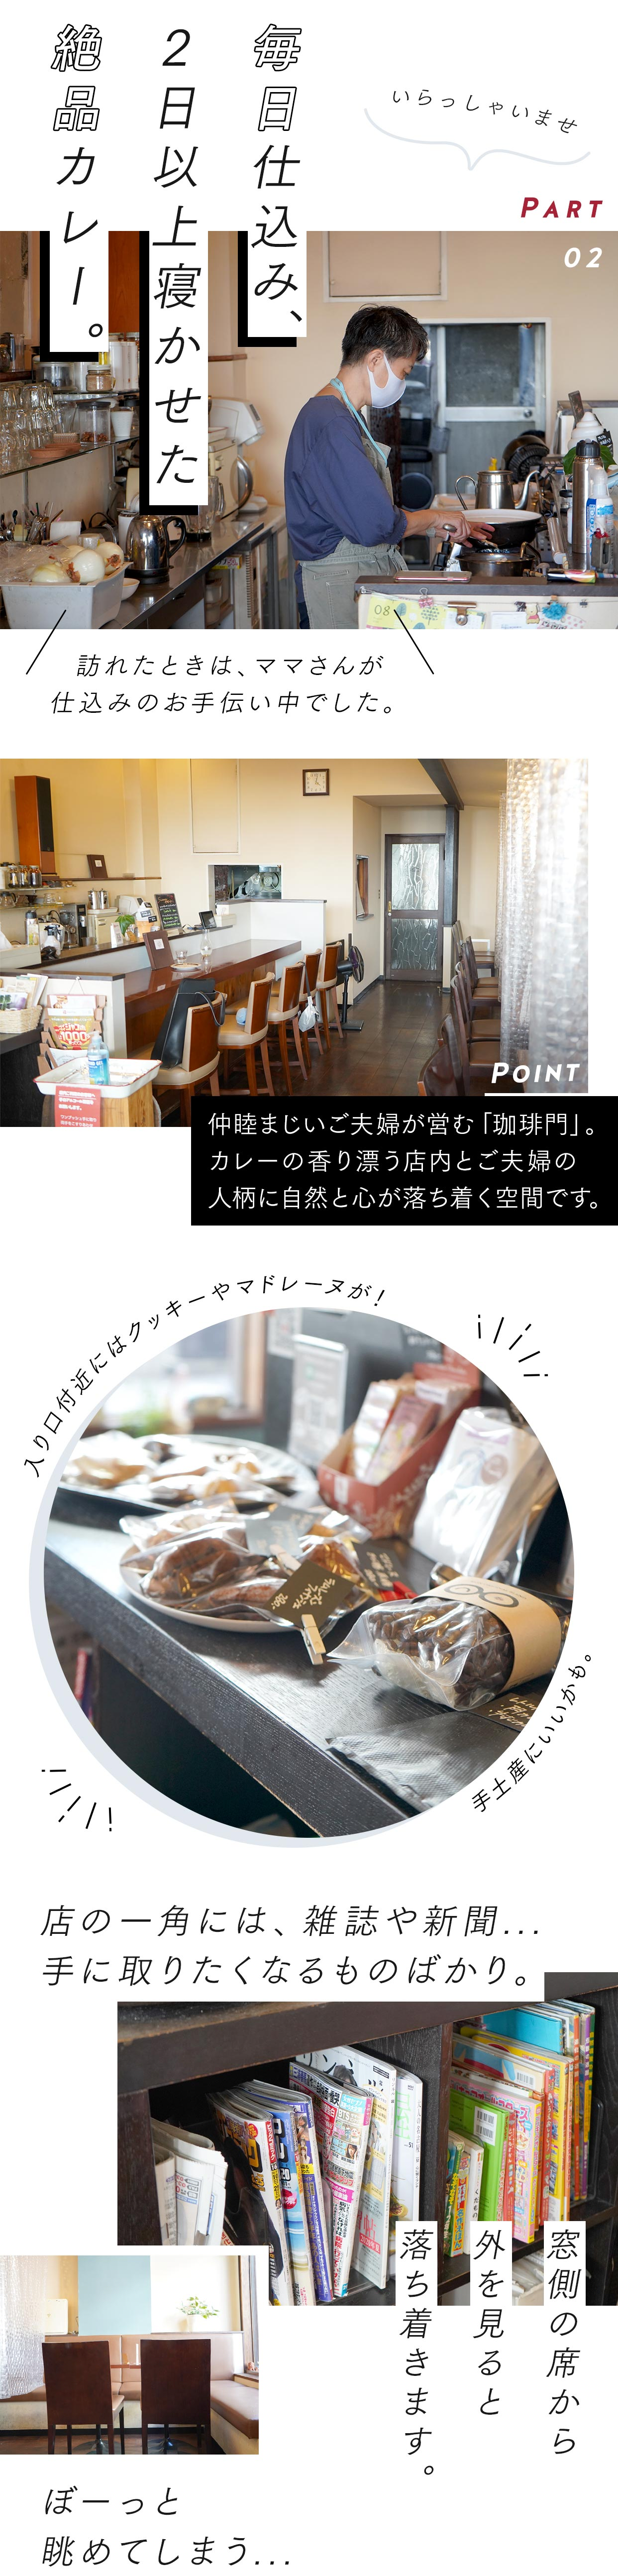 シンプルだからこそ、カレー本来の味わいが楽しめる。名古屋のカレーなら「珈琲 門」 - F4F83B6C 4CBC 4FA9 86C7 32CBA4517229